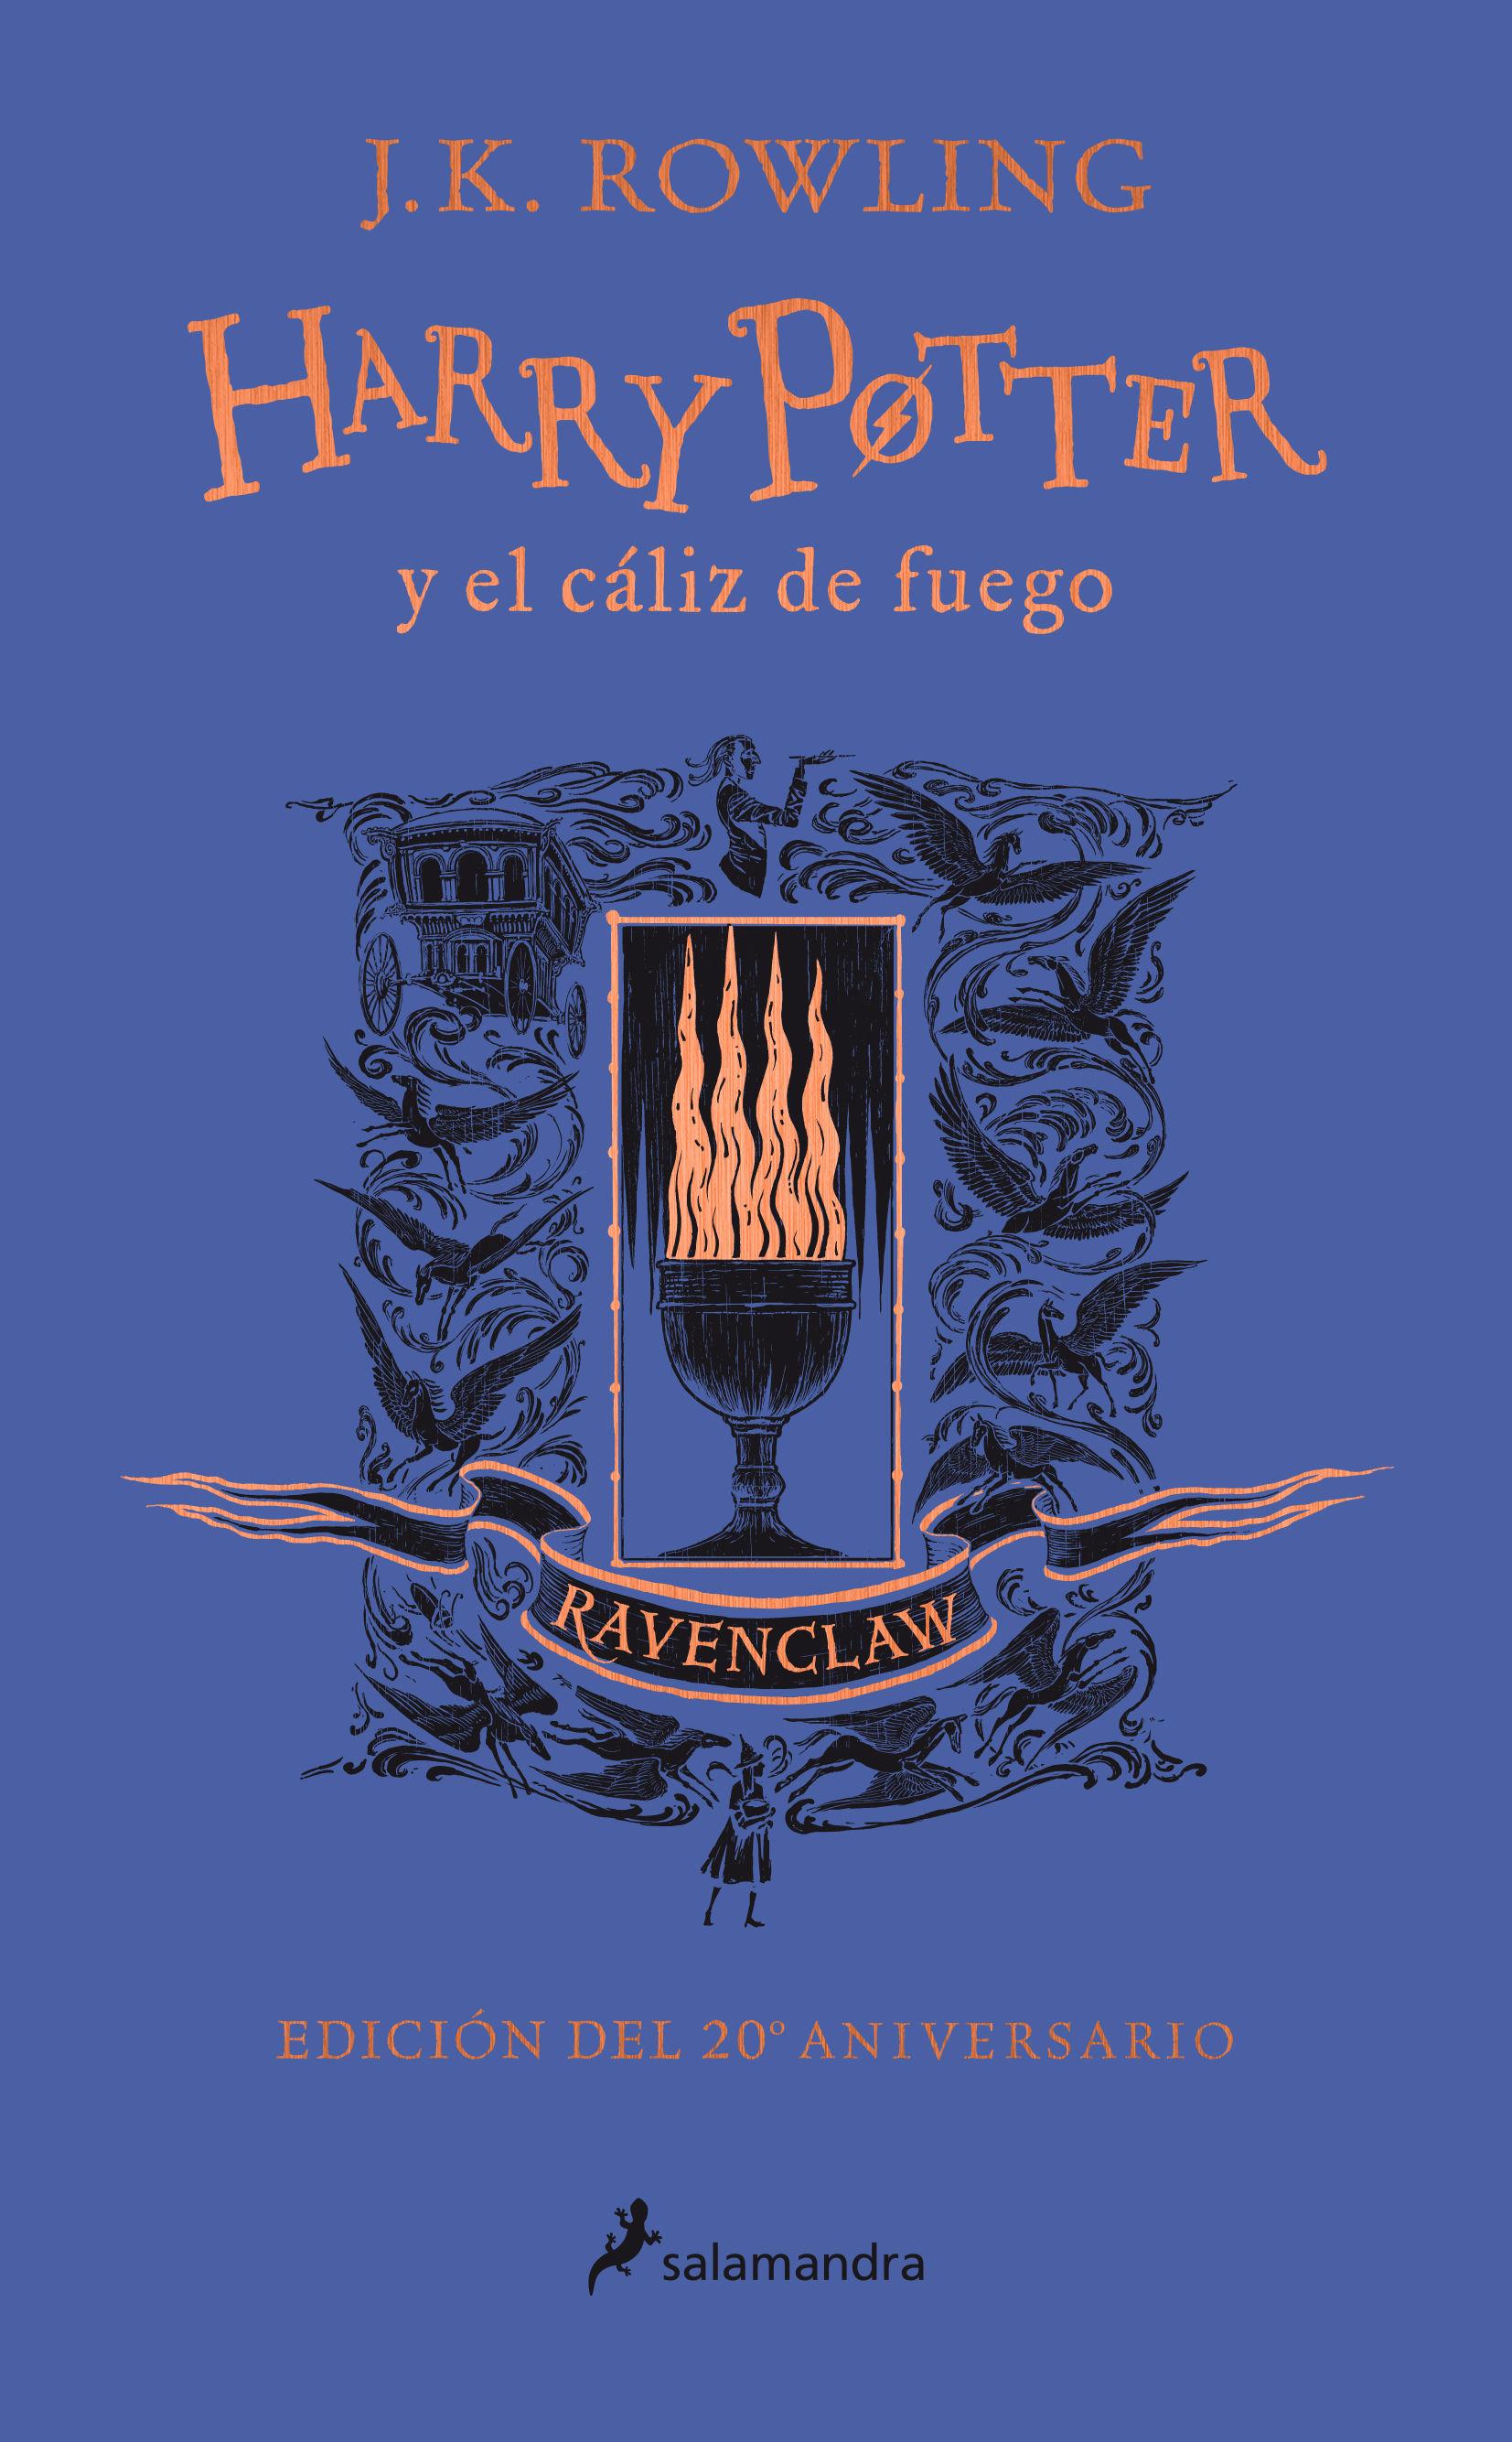 HARRY POTTER Y EL CÁLIZ DE FUEGO 4 RAVENCLAW